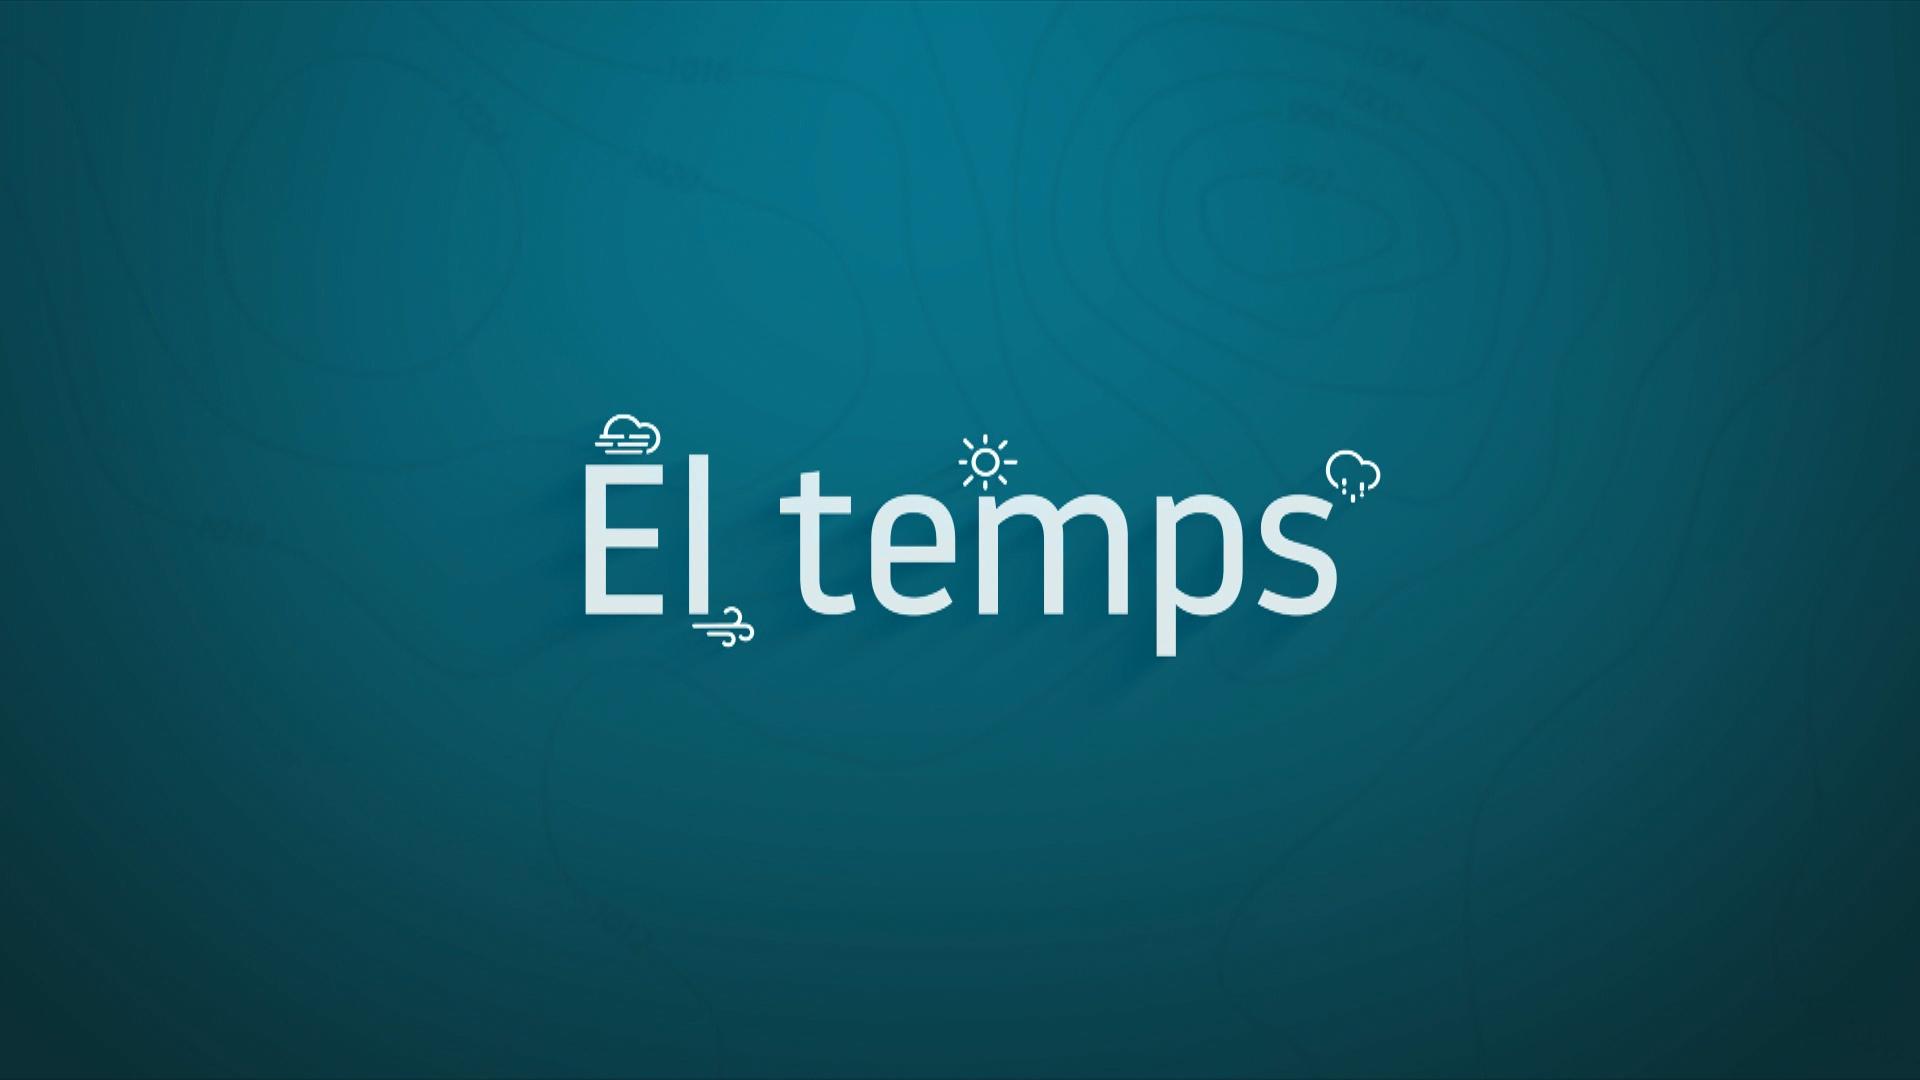 El+Temps+Vespre+03-08-2021